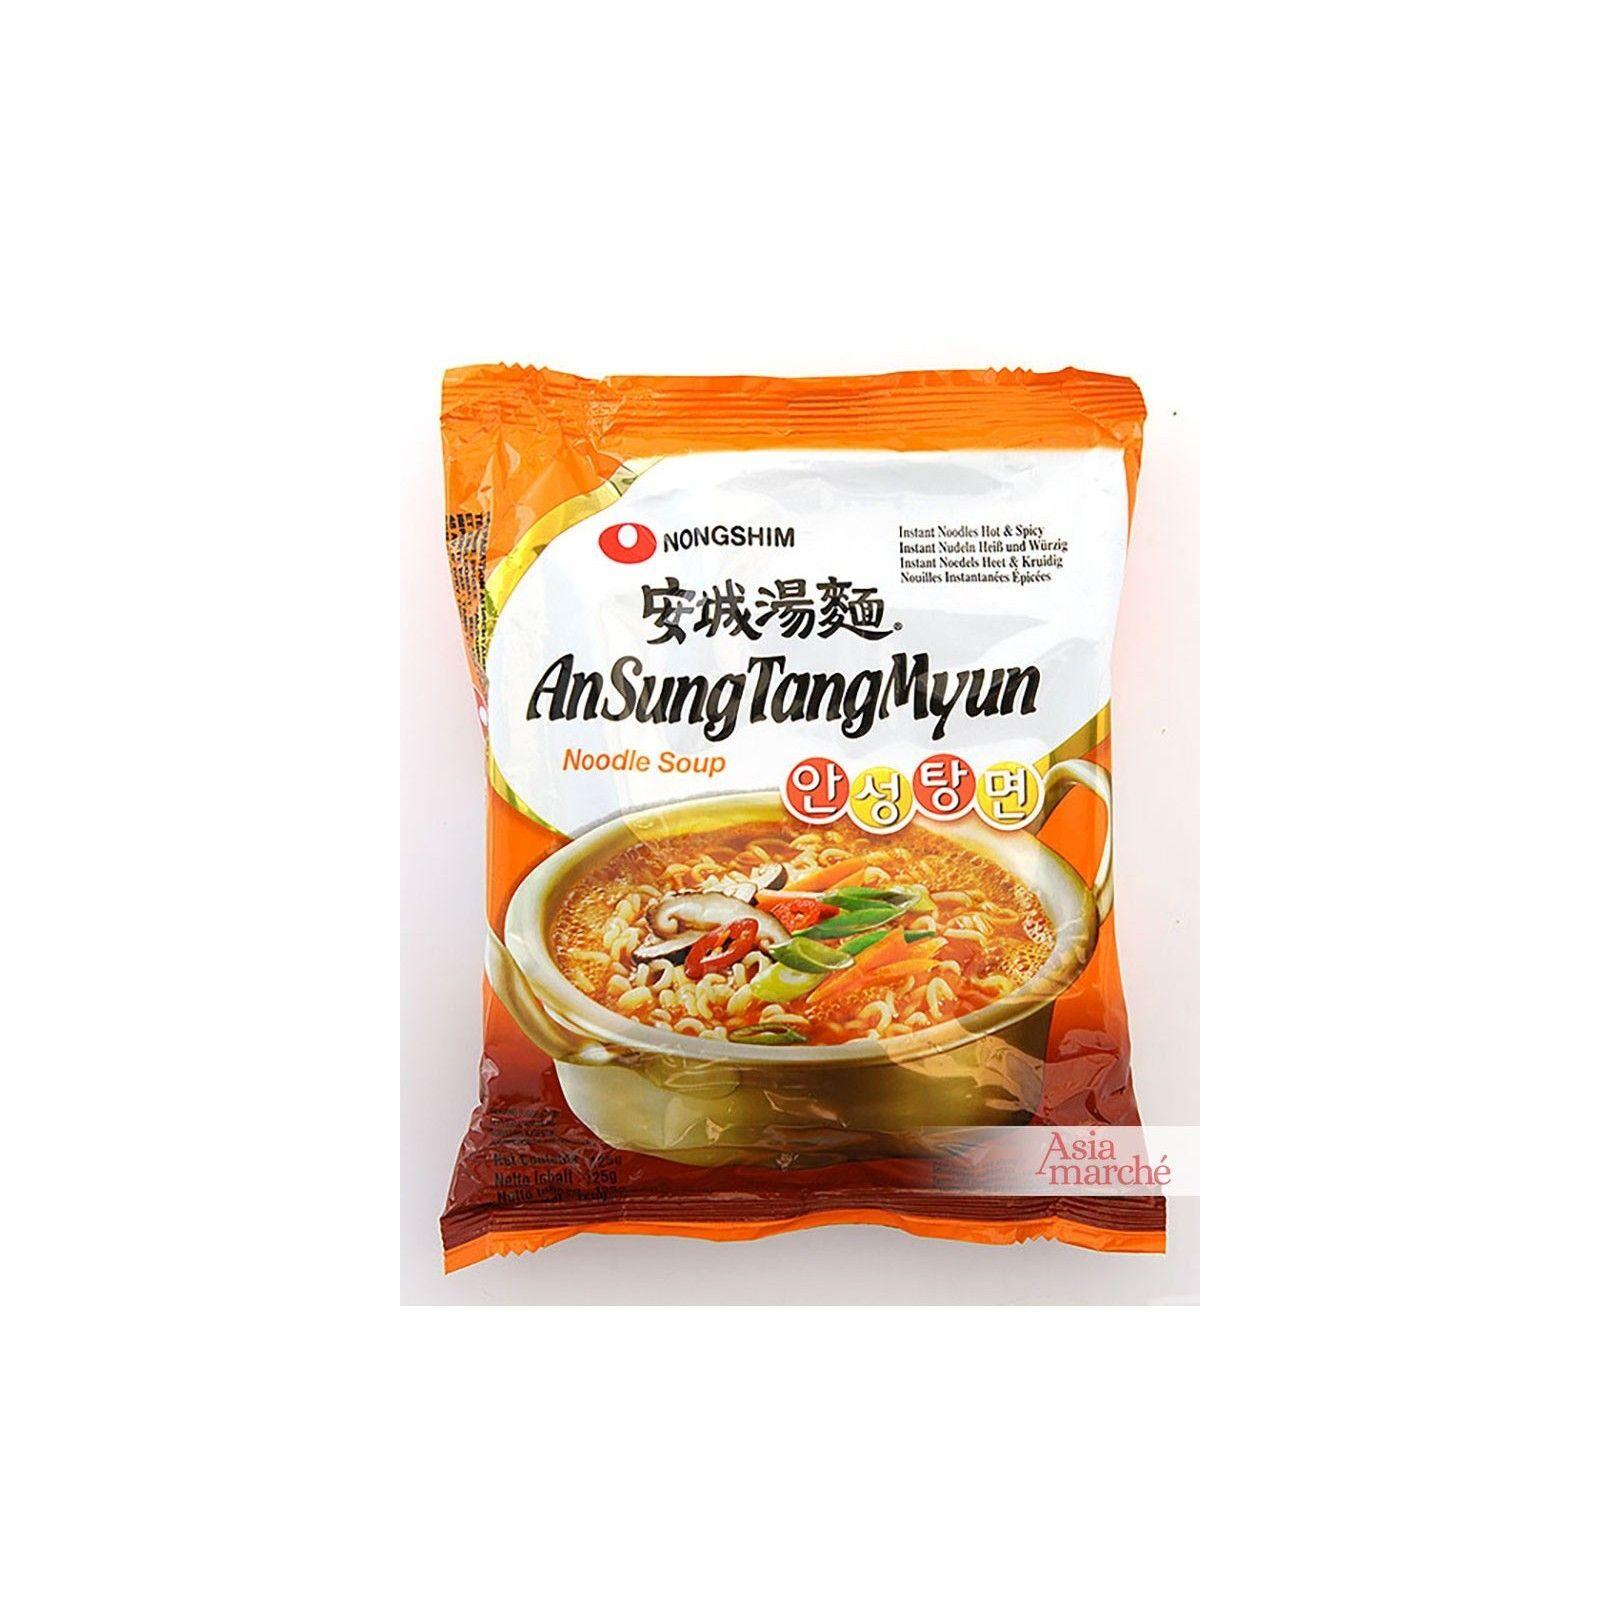 Asia Marché Soupe Coréenne de nouiles AnSungTangMyun 125g Nongshim Lot de 10